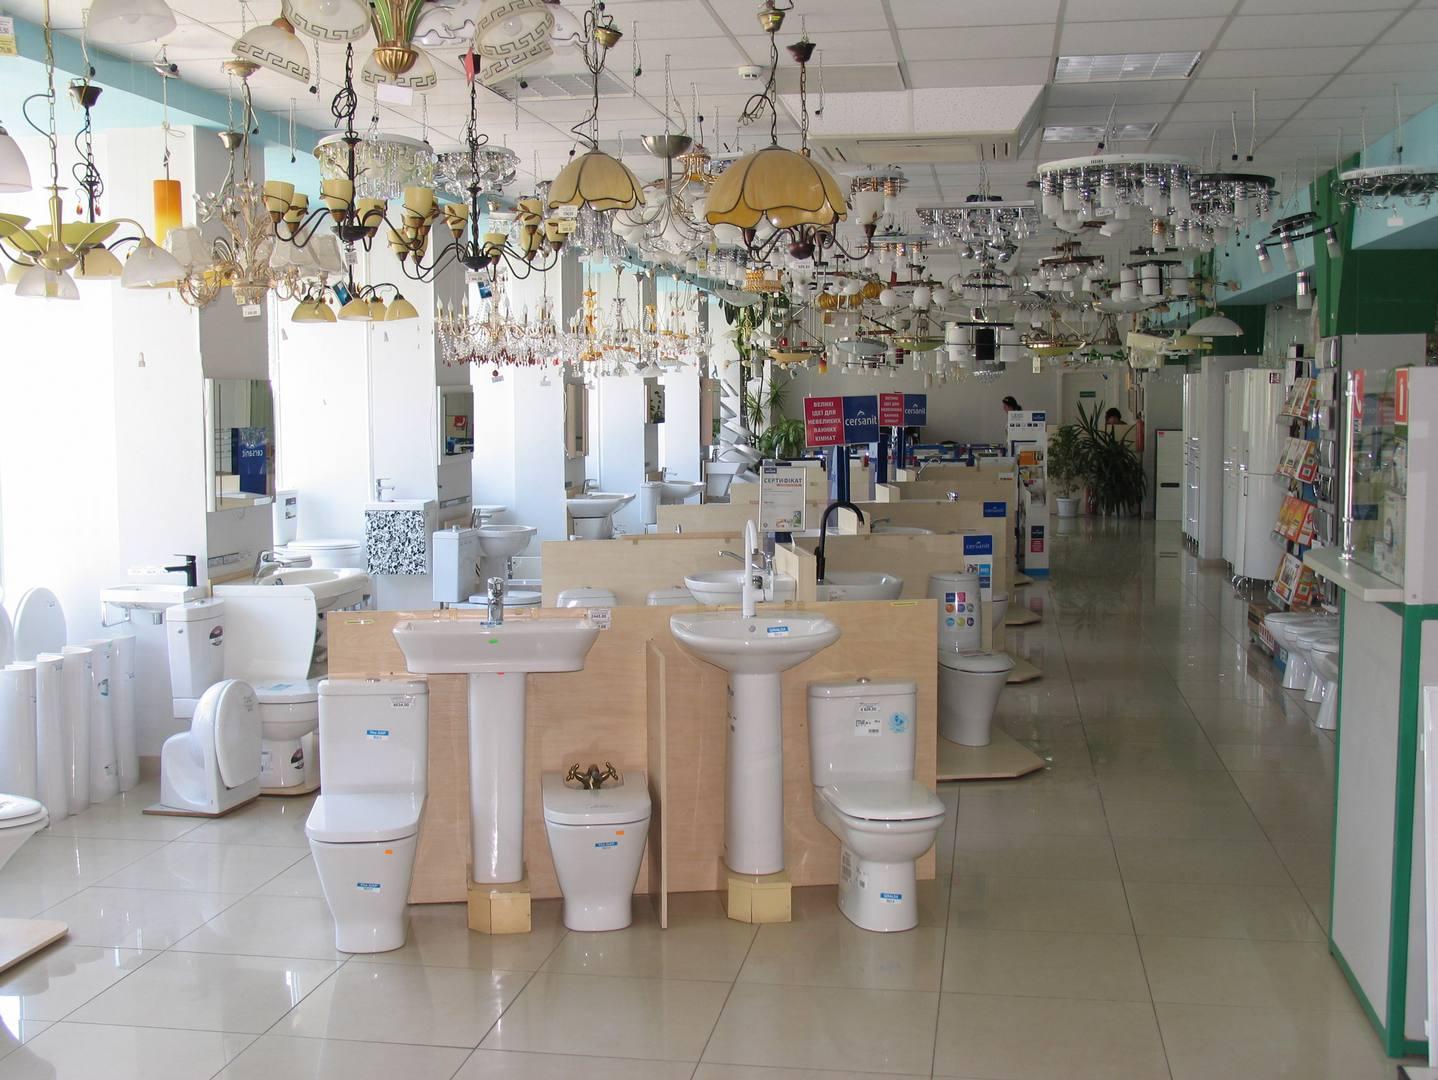 Выставочный зал 2-й этаж | сантехника